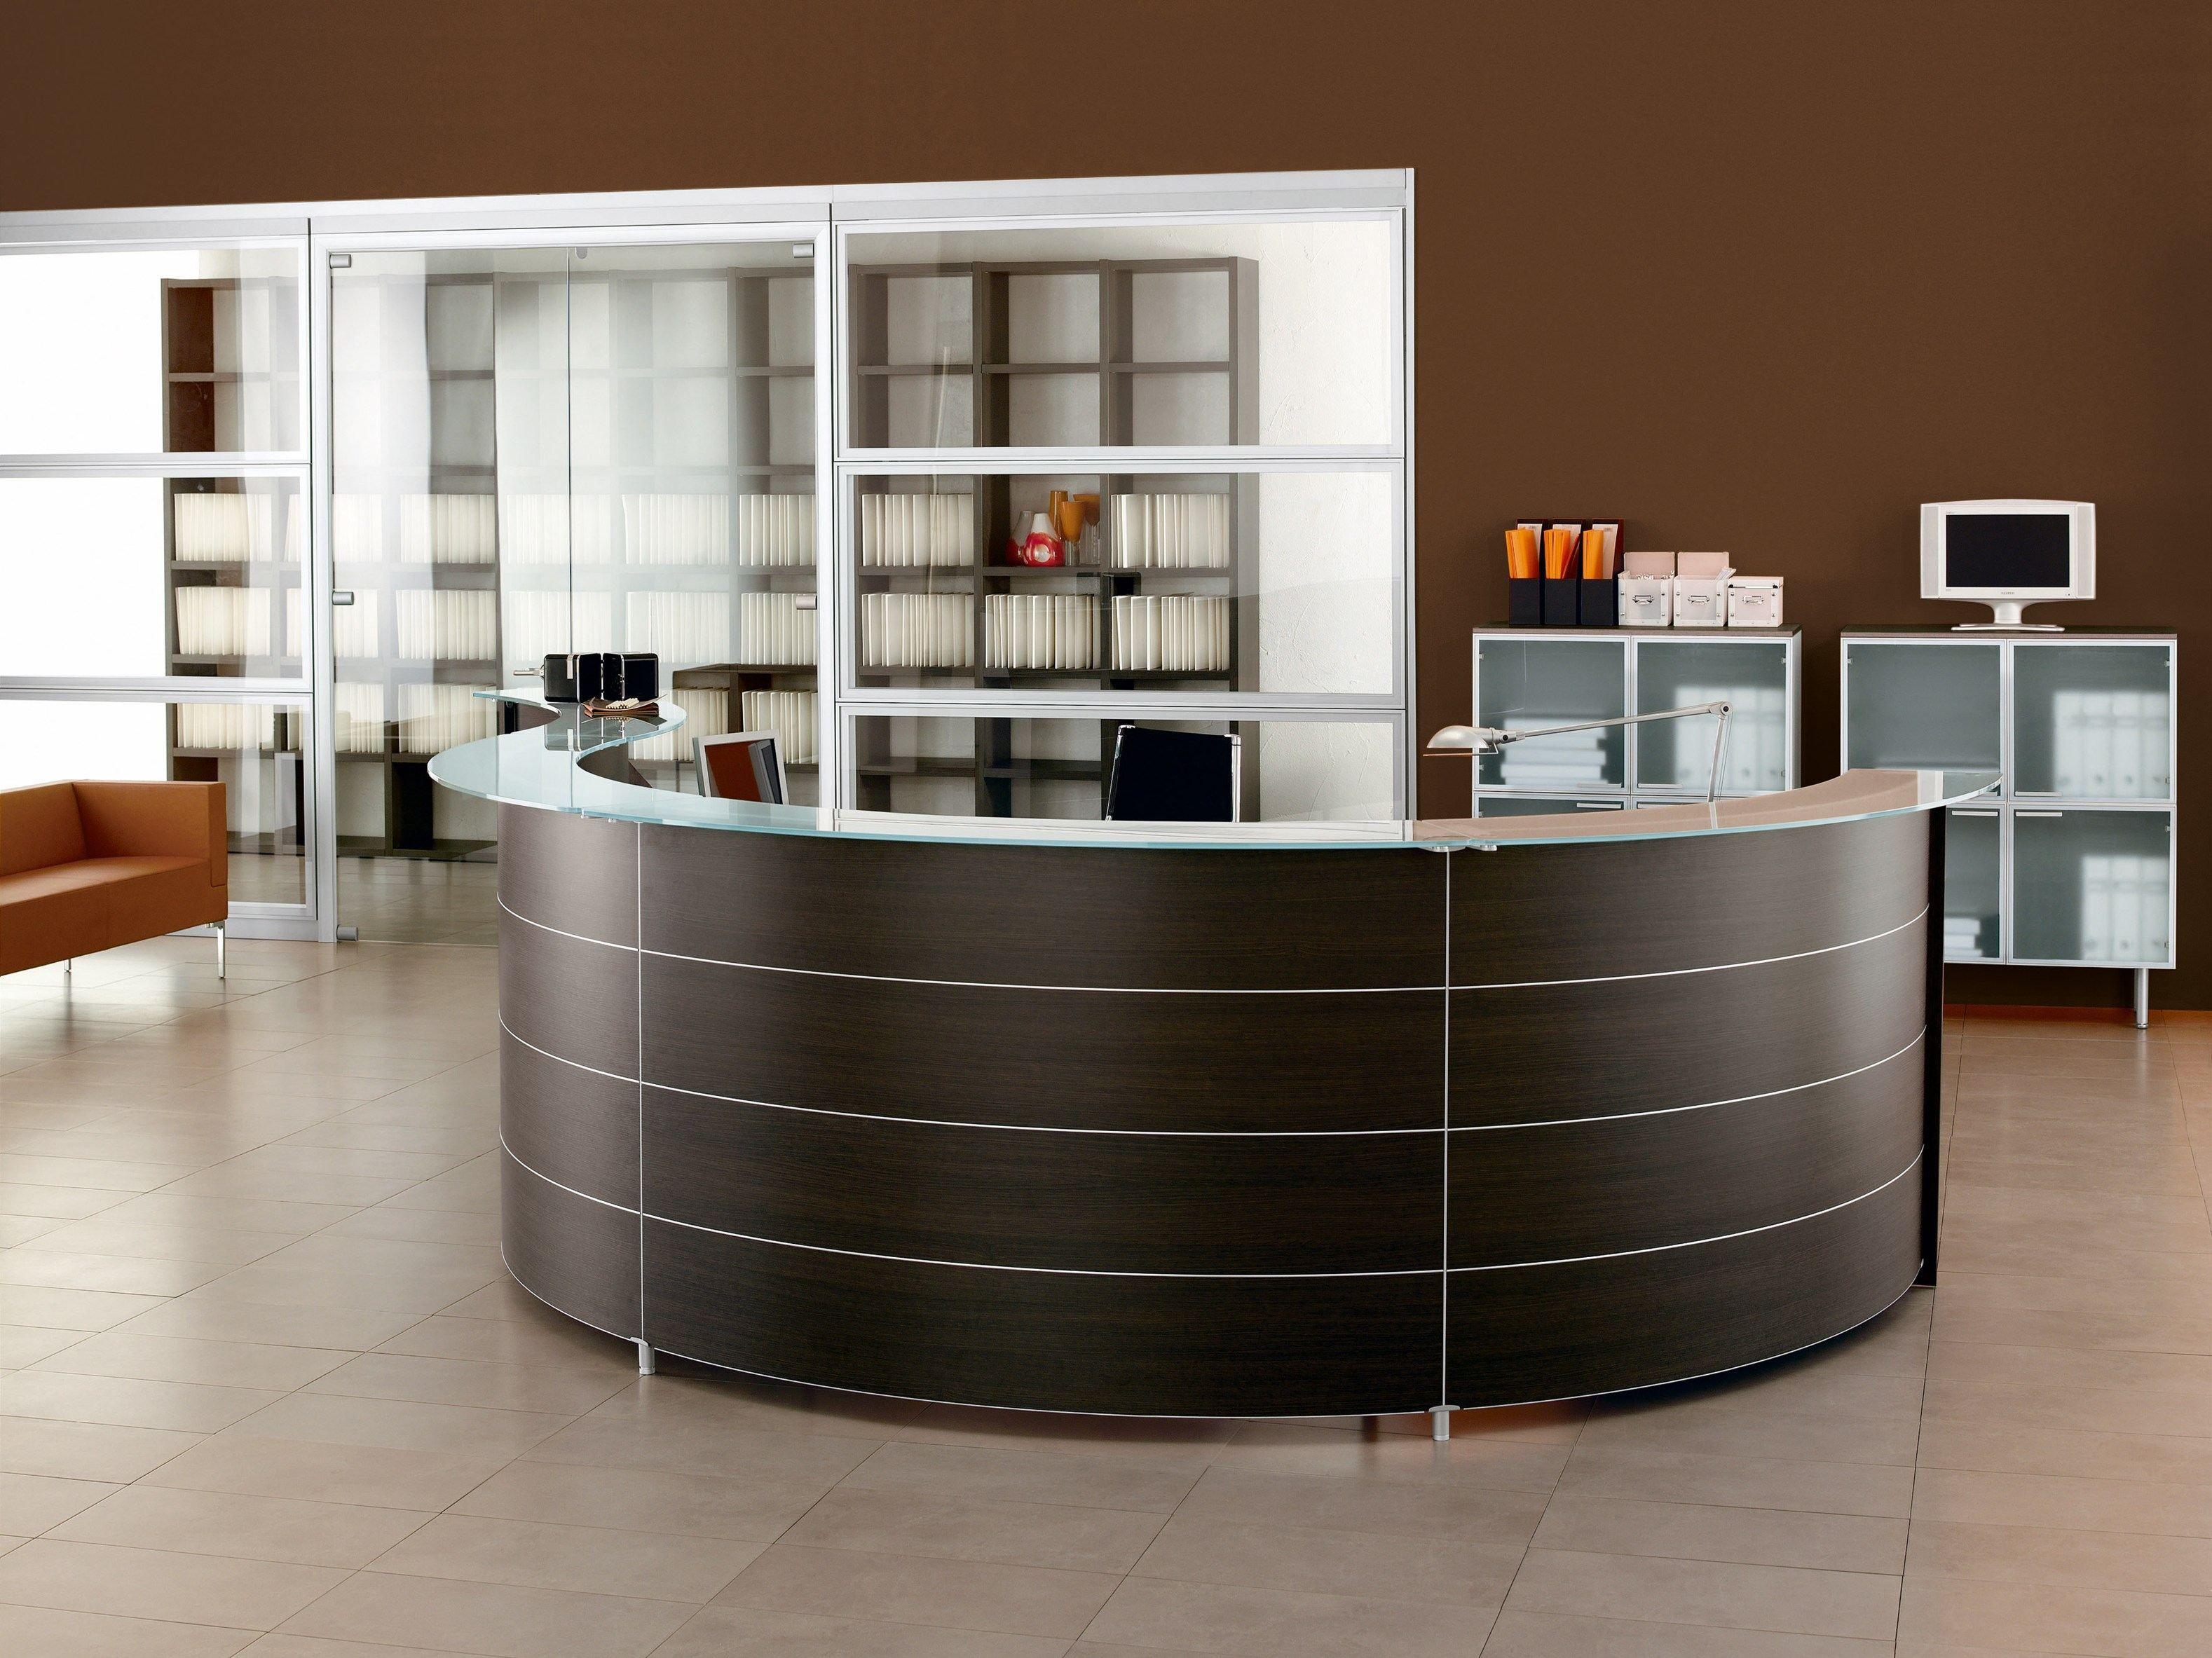 Banconi Per Cucina. Gallery Of Pensili Per Cucina In Legno Grezzo Le ...